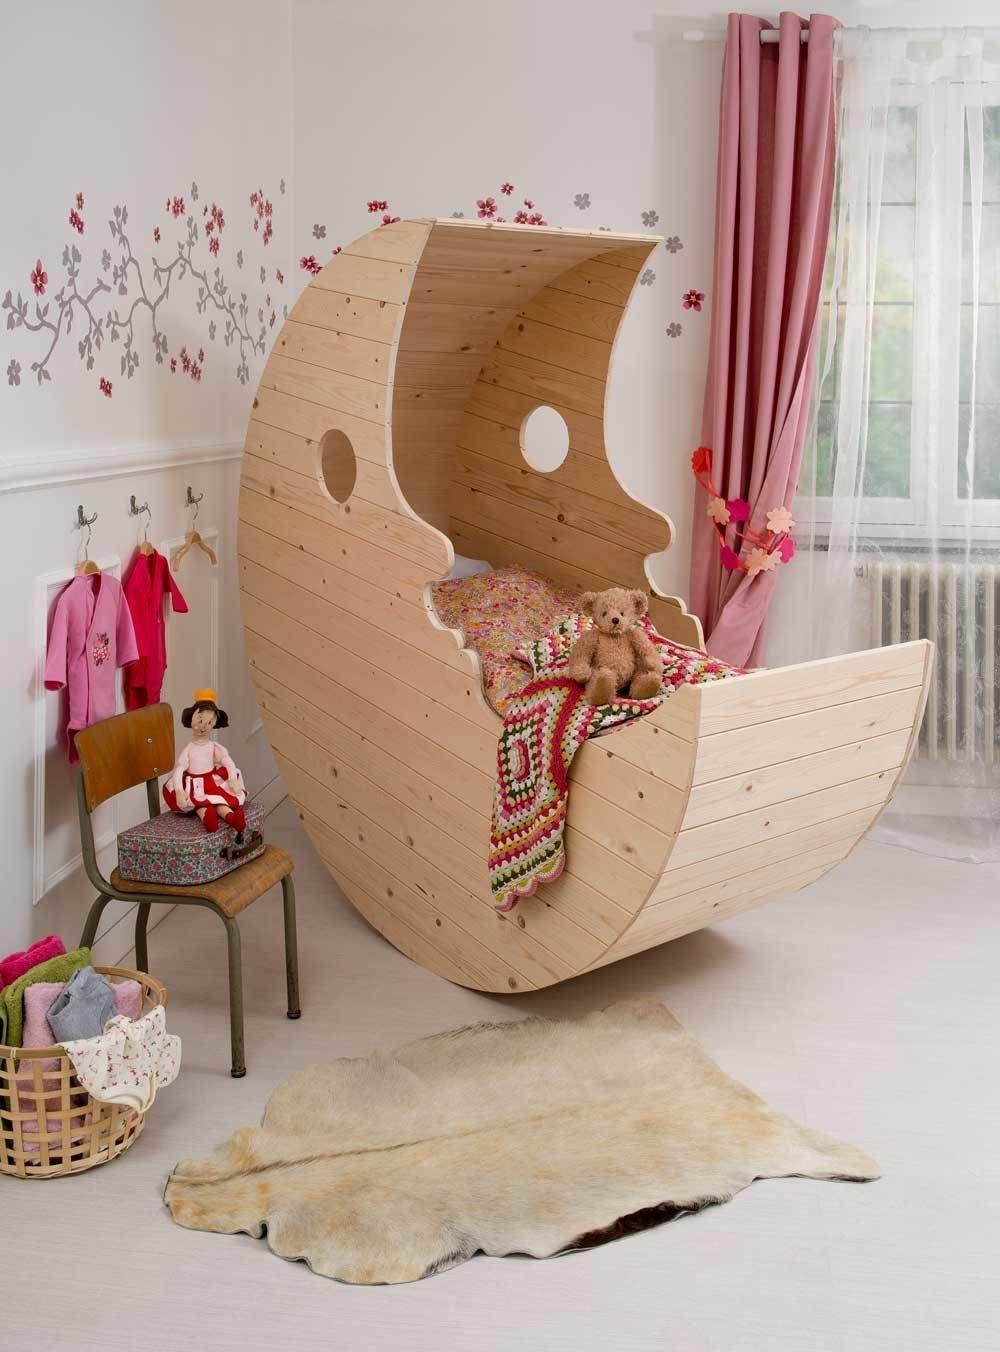 construisez un lit pour b b en bois en forme de lune berceau lune pour enfant conseils. Black Bedroom Furniture Sets. Home Design Ideas